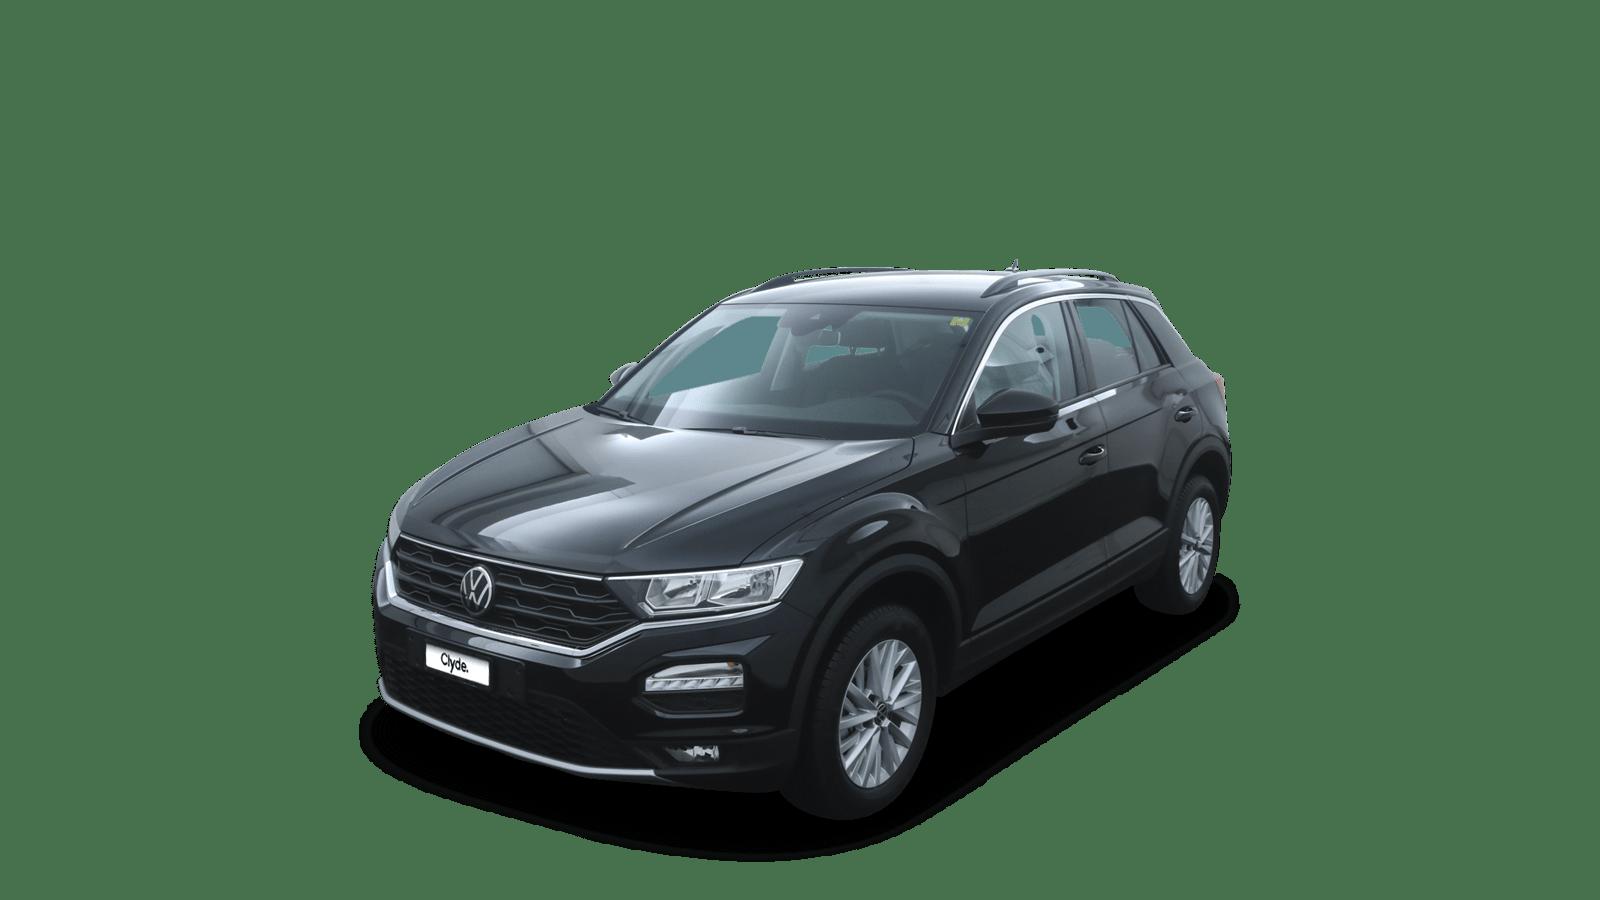 VW T-Roc Black front - Clyde car subscription